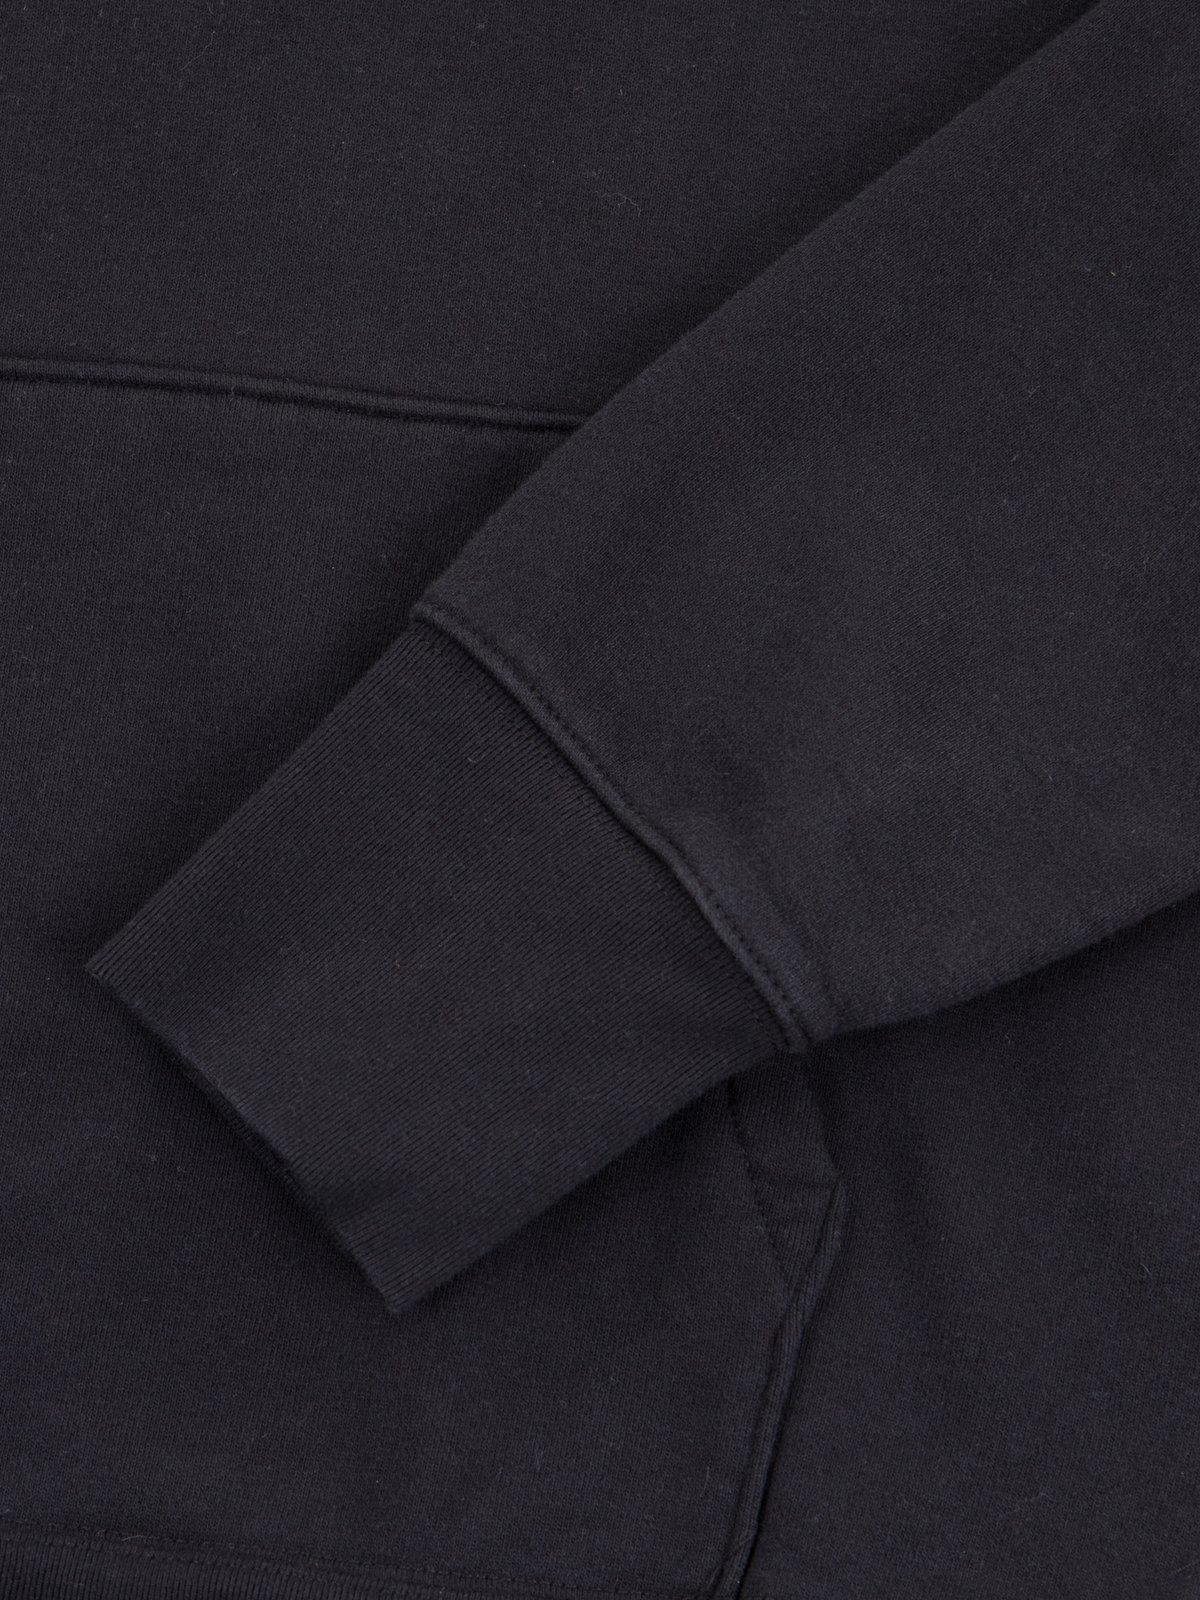 Black Gusset Pullover Parka - Image 4